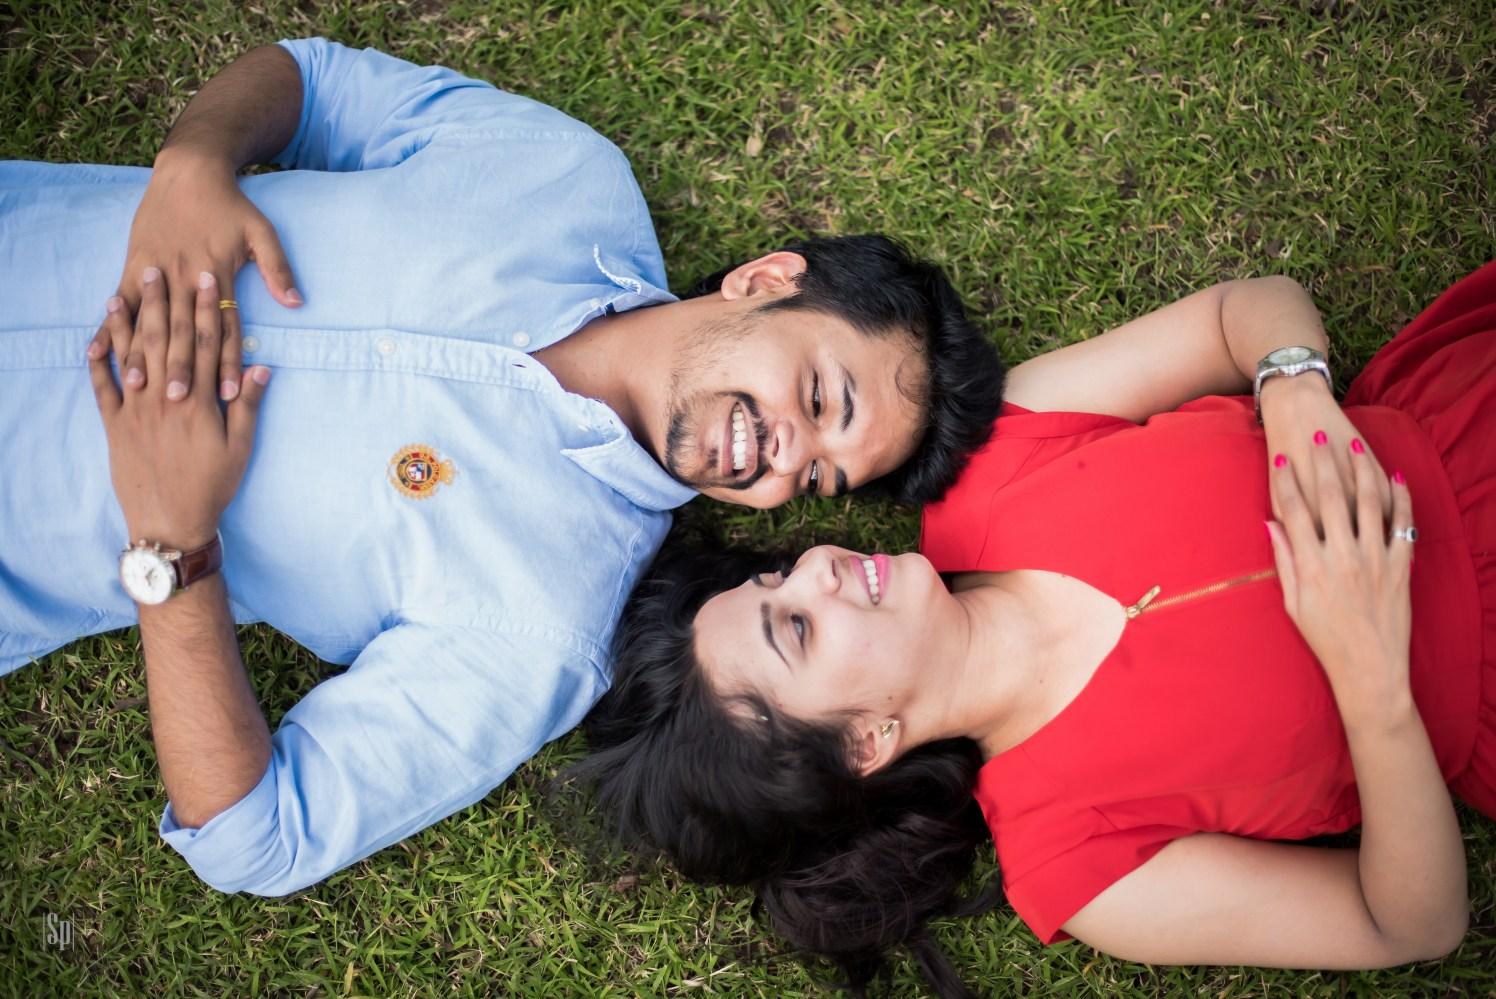 Stylized Romantic Pre-Wedding Shoot In A Lush Green Garden by Sameer Panchpor Wedding-photography | Weddings Photos & Ideas